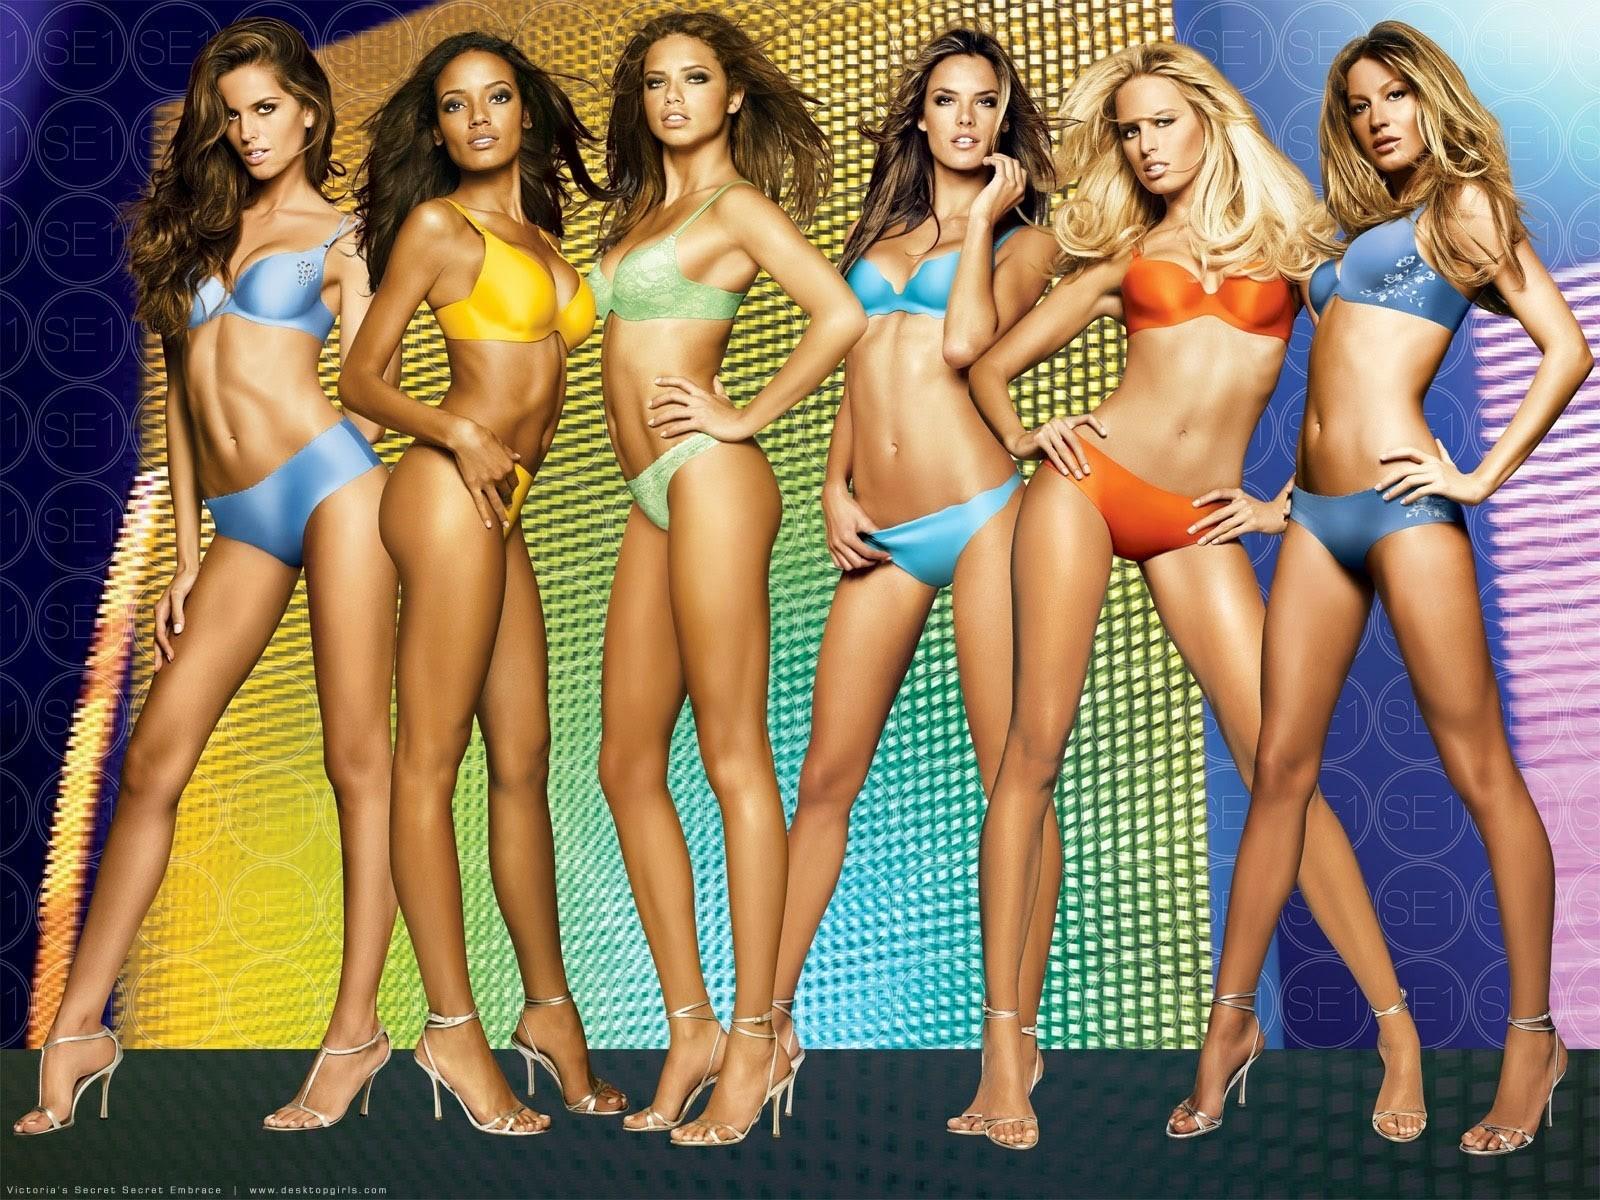 Wallpaper : model, blonde, brunette, lingerie, group of